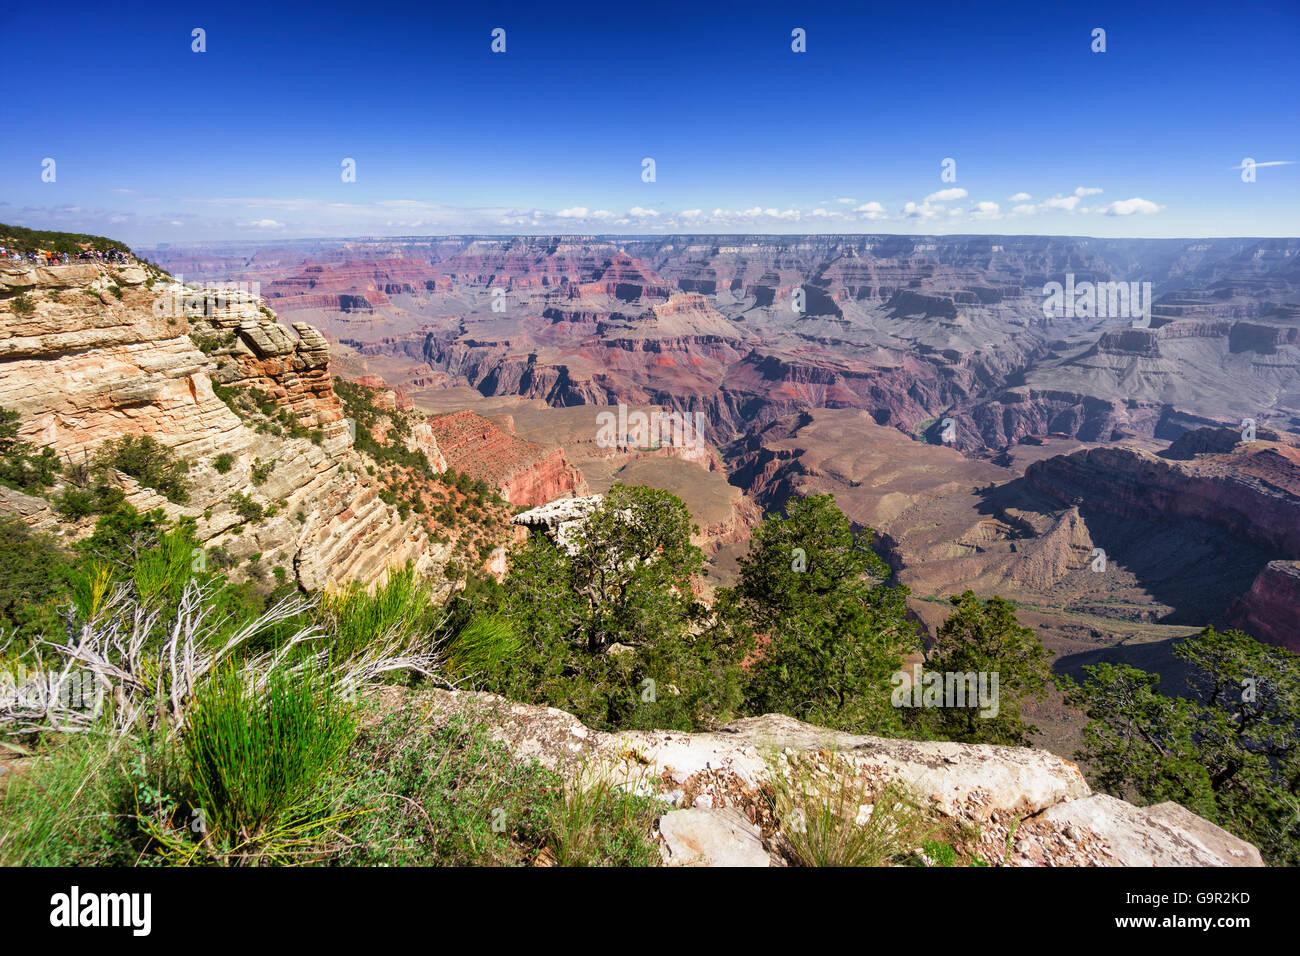 Grand Canyon, Arizona, USA - Stock Image